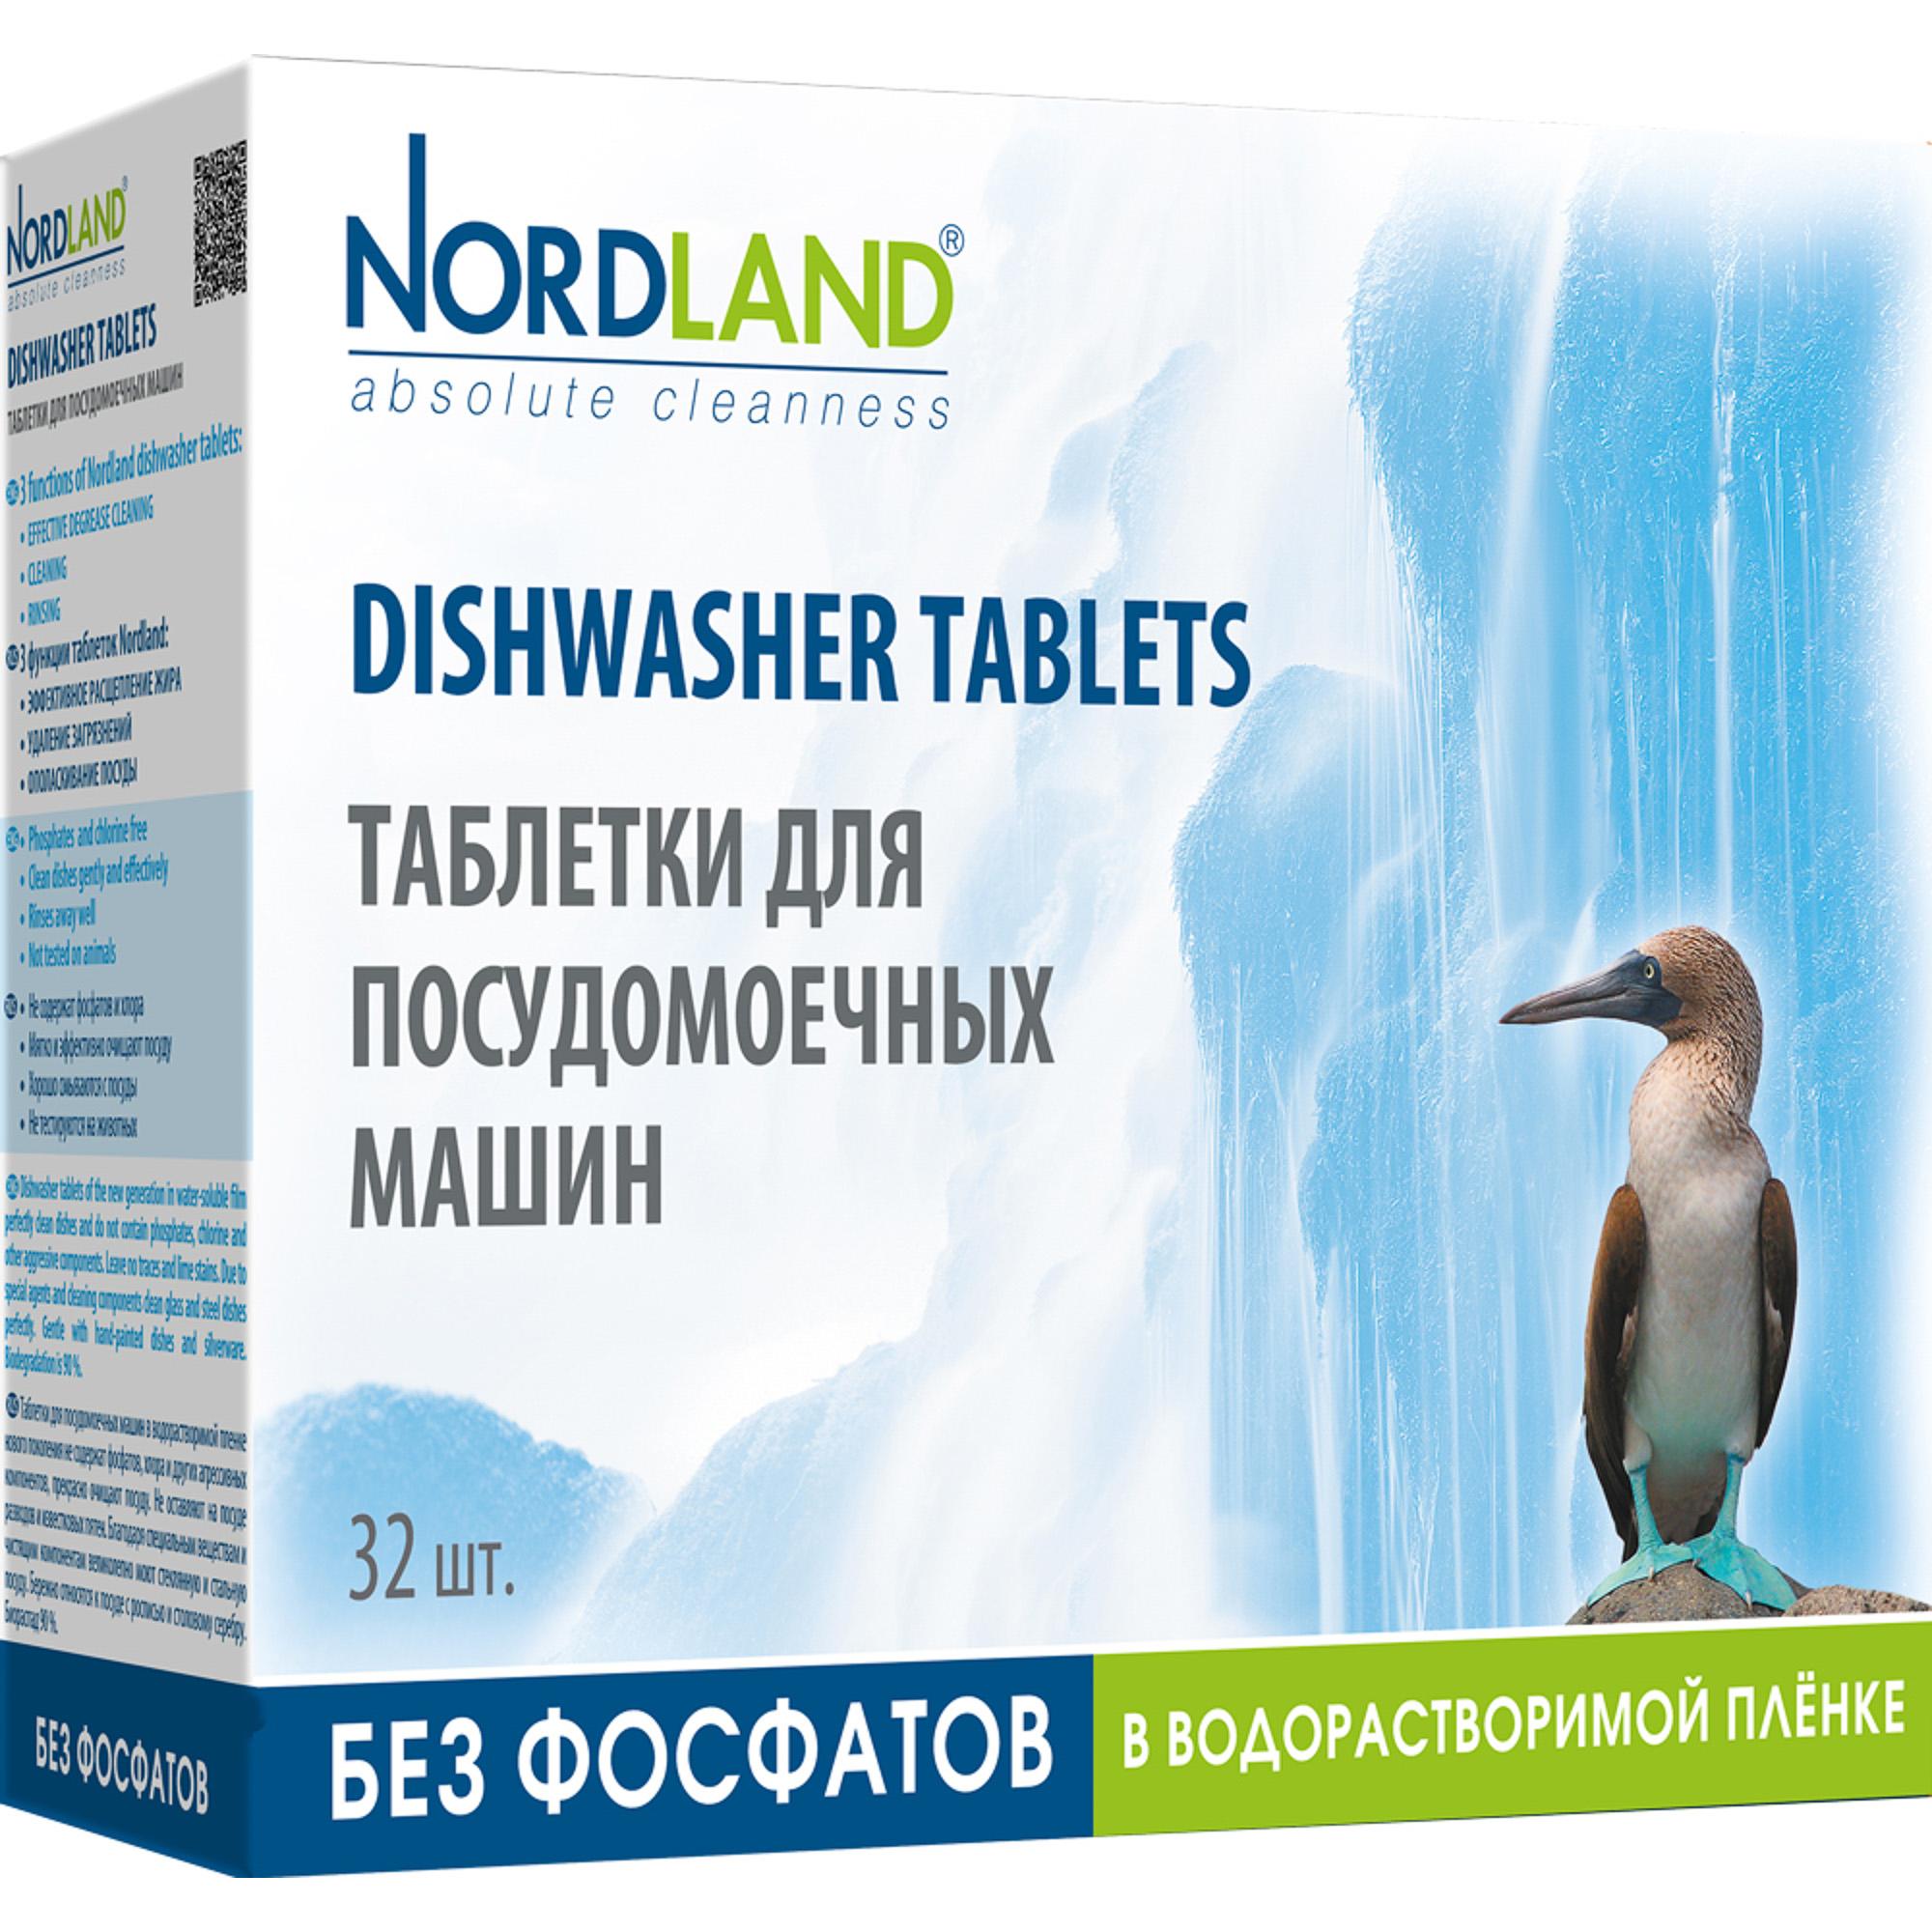 Таблетки Nordland для посудомоечных машин 32 шт таблетки д посудомоечных машин jundo таблетки д посудомоечных машин